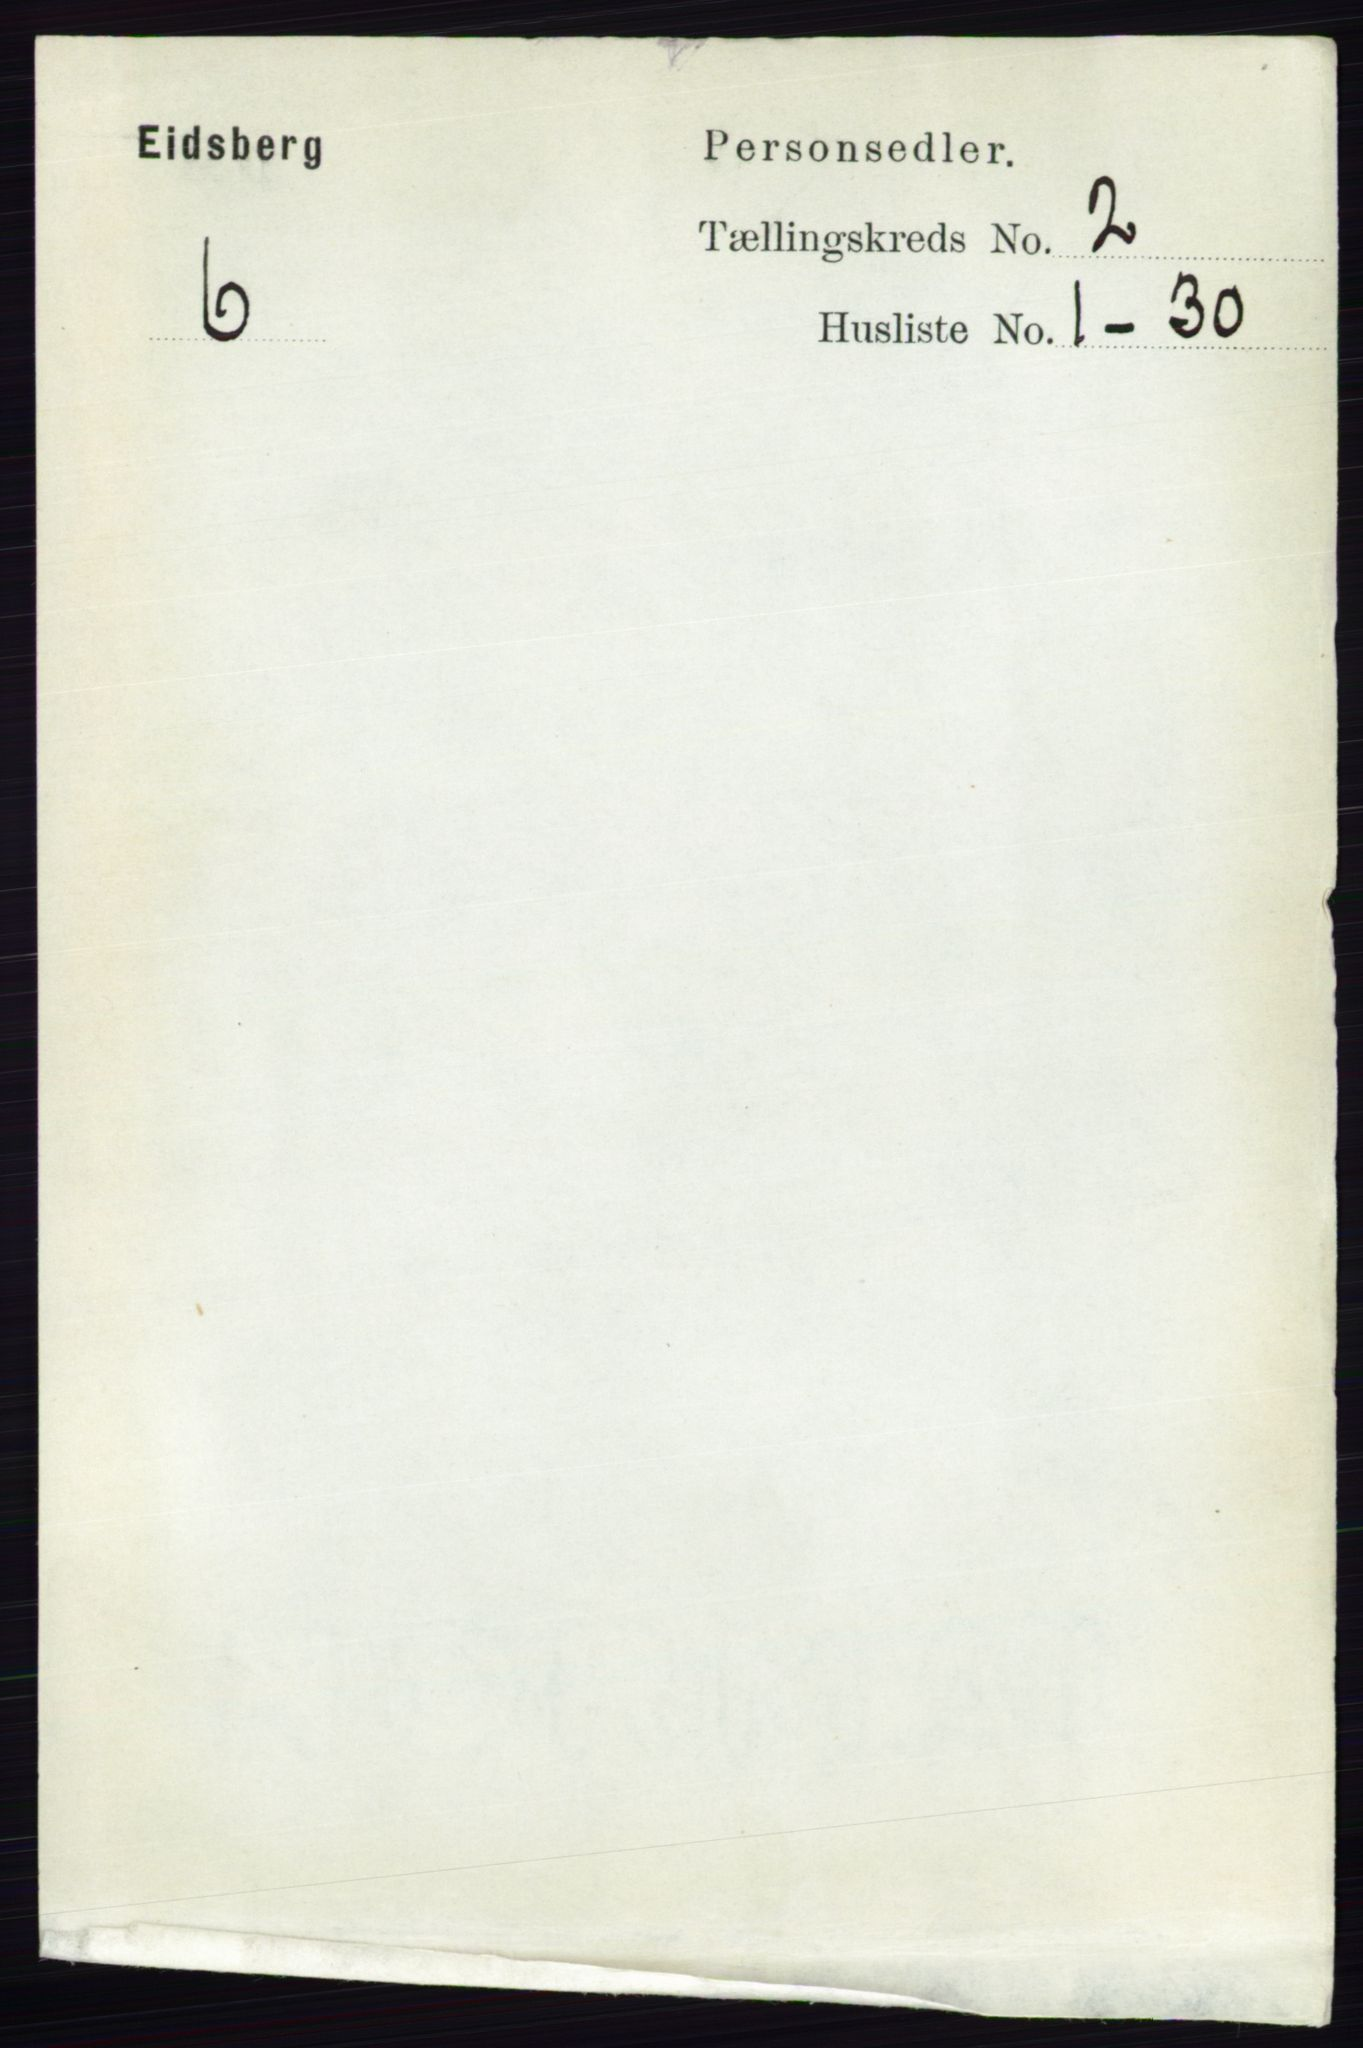 RA, Folketelling 1891 for 0125 Eidsberg herred, 1891, s. 837